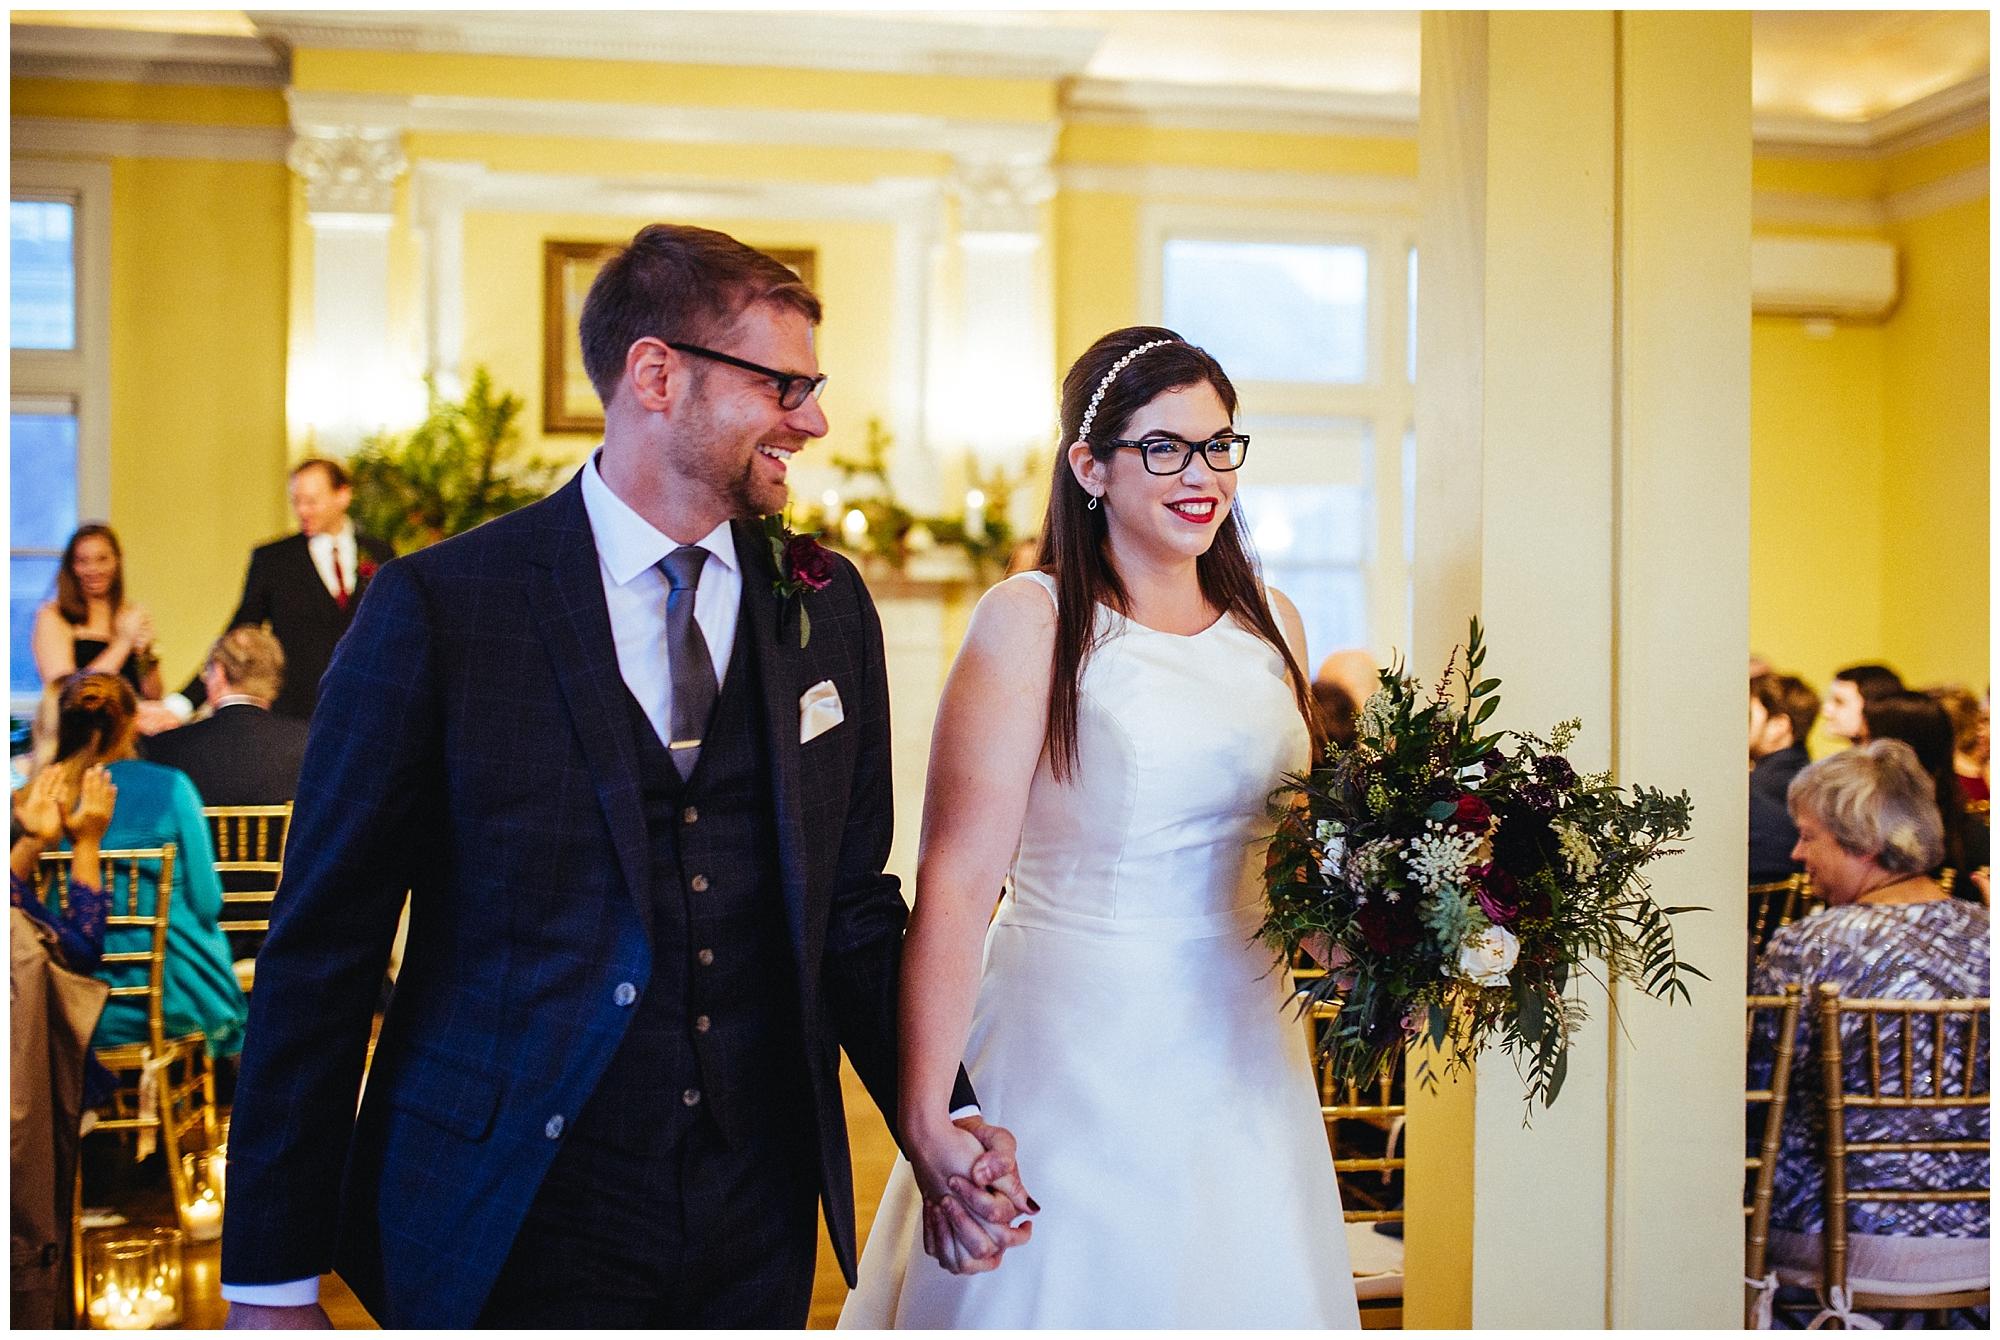 DC wedding venue